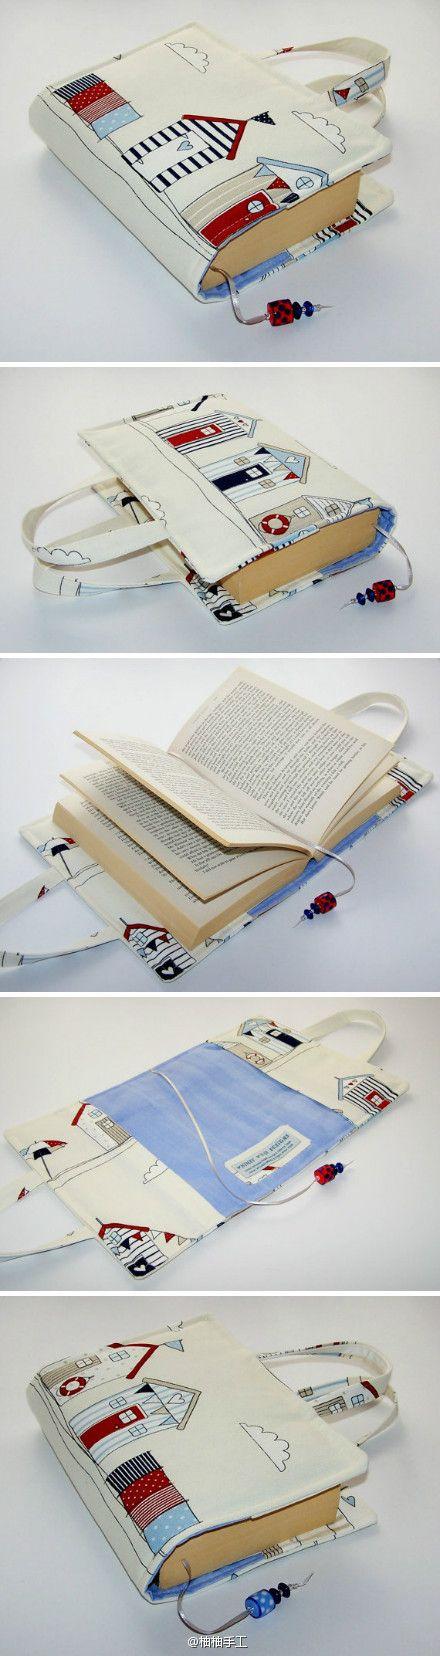 me gusta este libro protegido en tela siendo a su vez un bolso ya que seria de facíl de llevar y agradable a la vista de ellos.